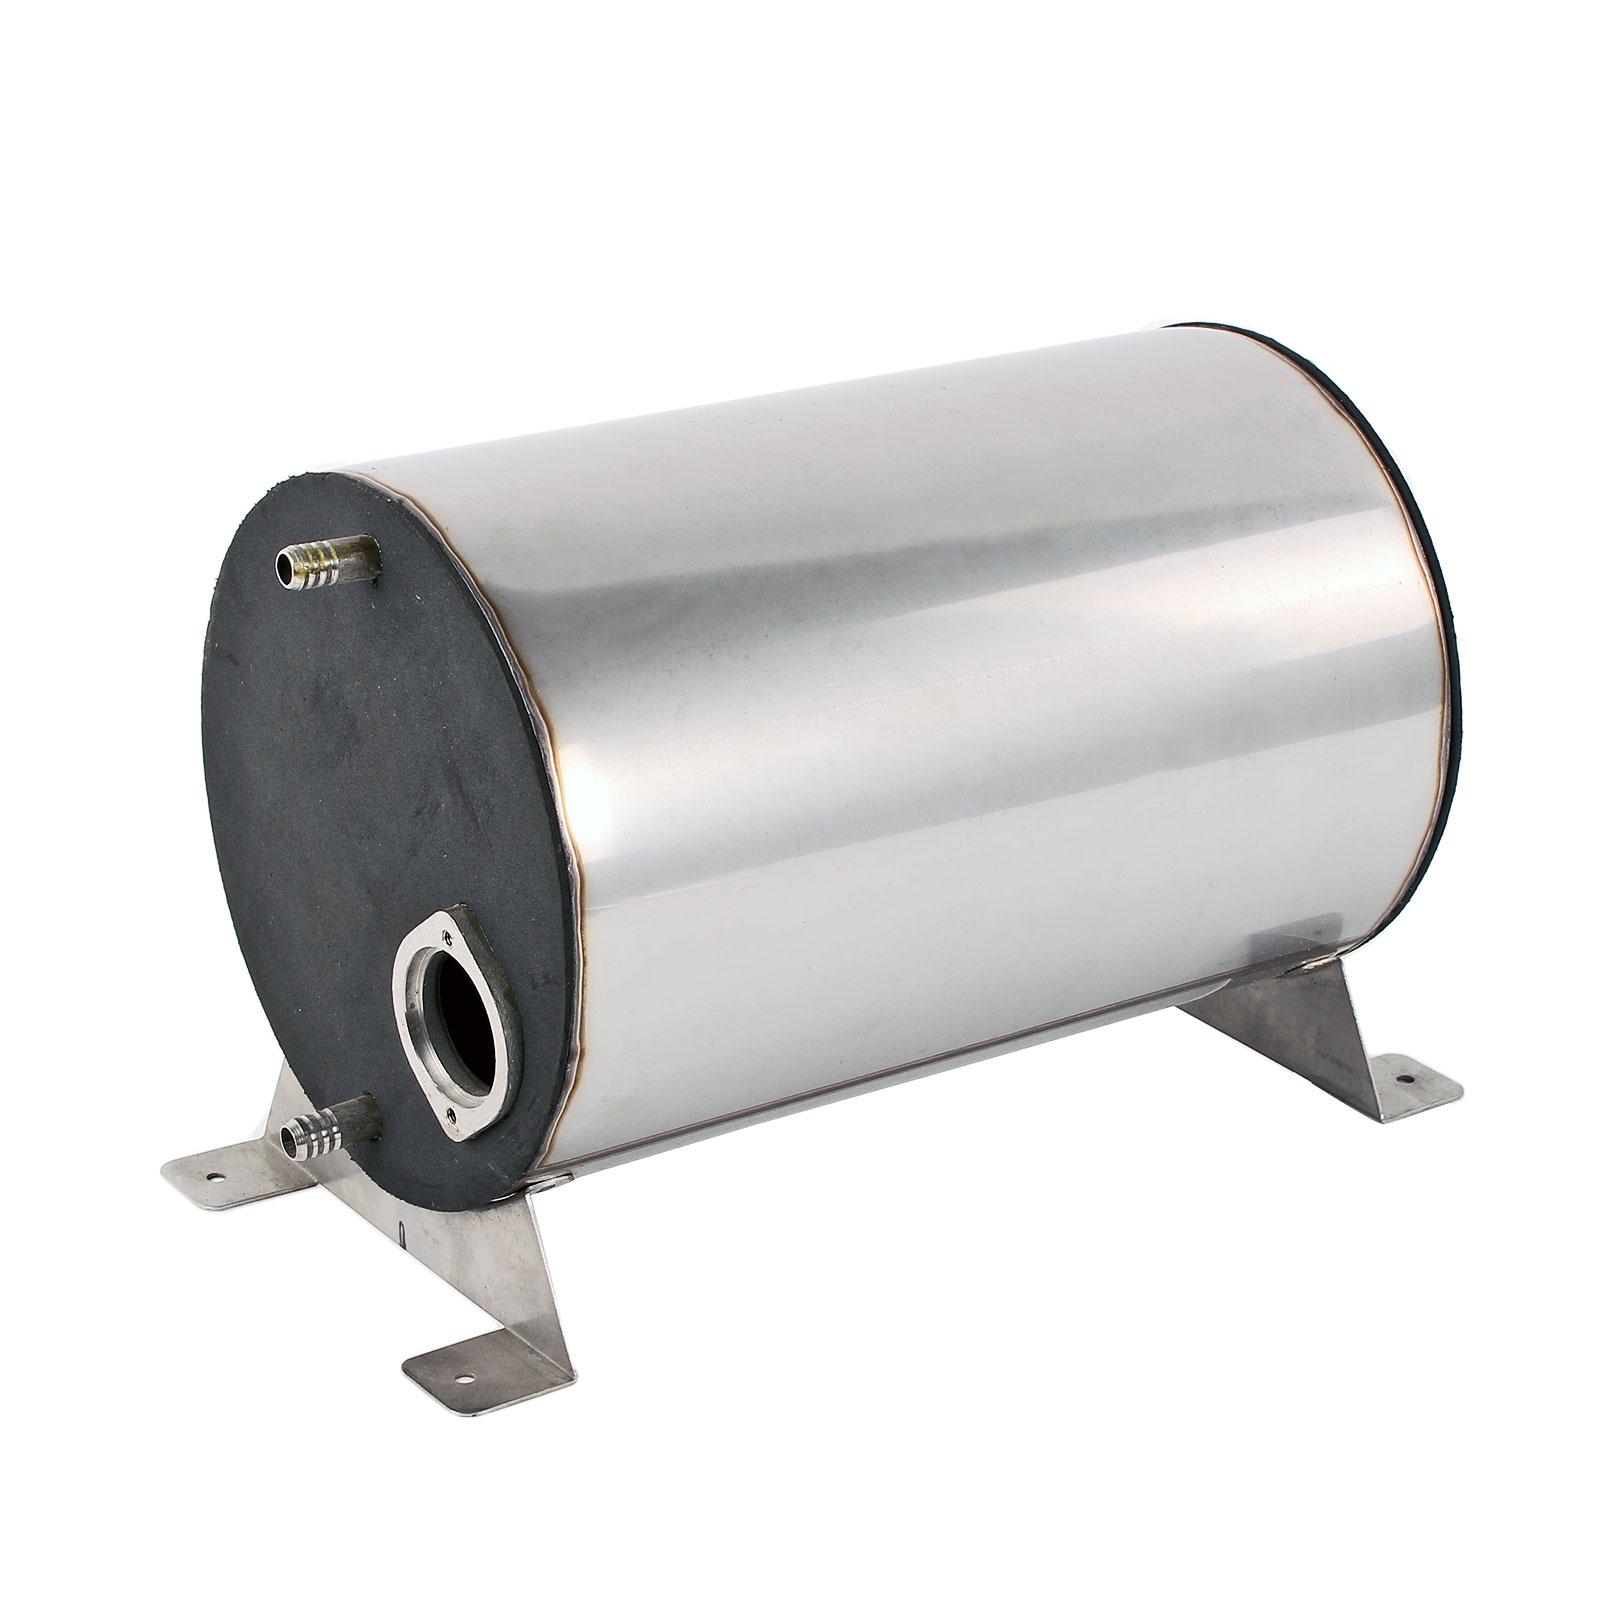 Ersatzbehälter für Truma TT2 Therme Edelstahl 6 Liter frostsicher